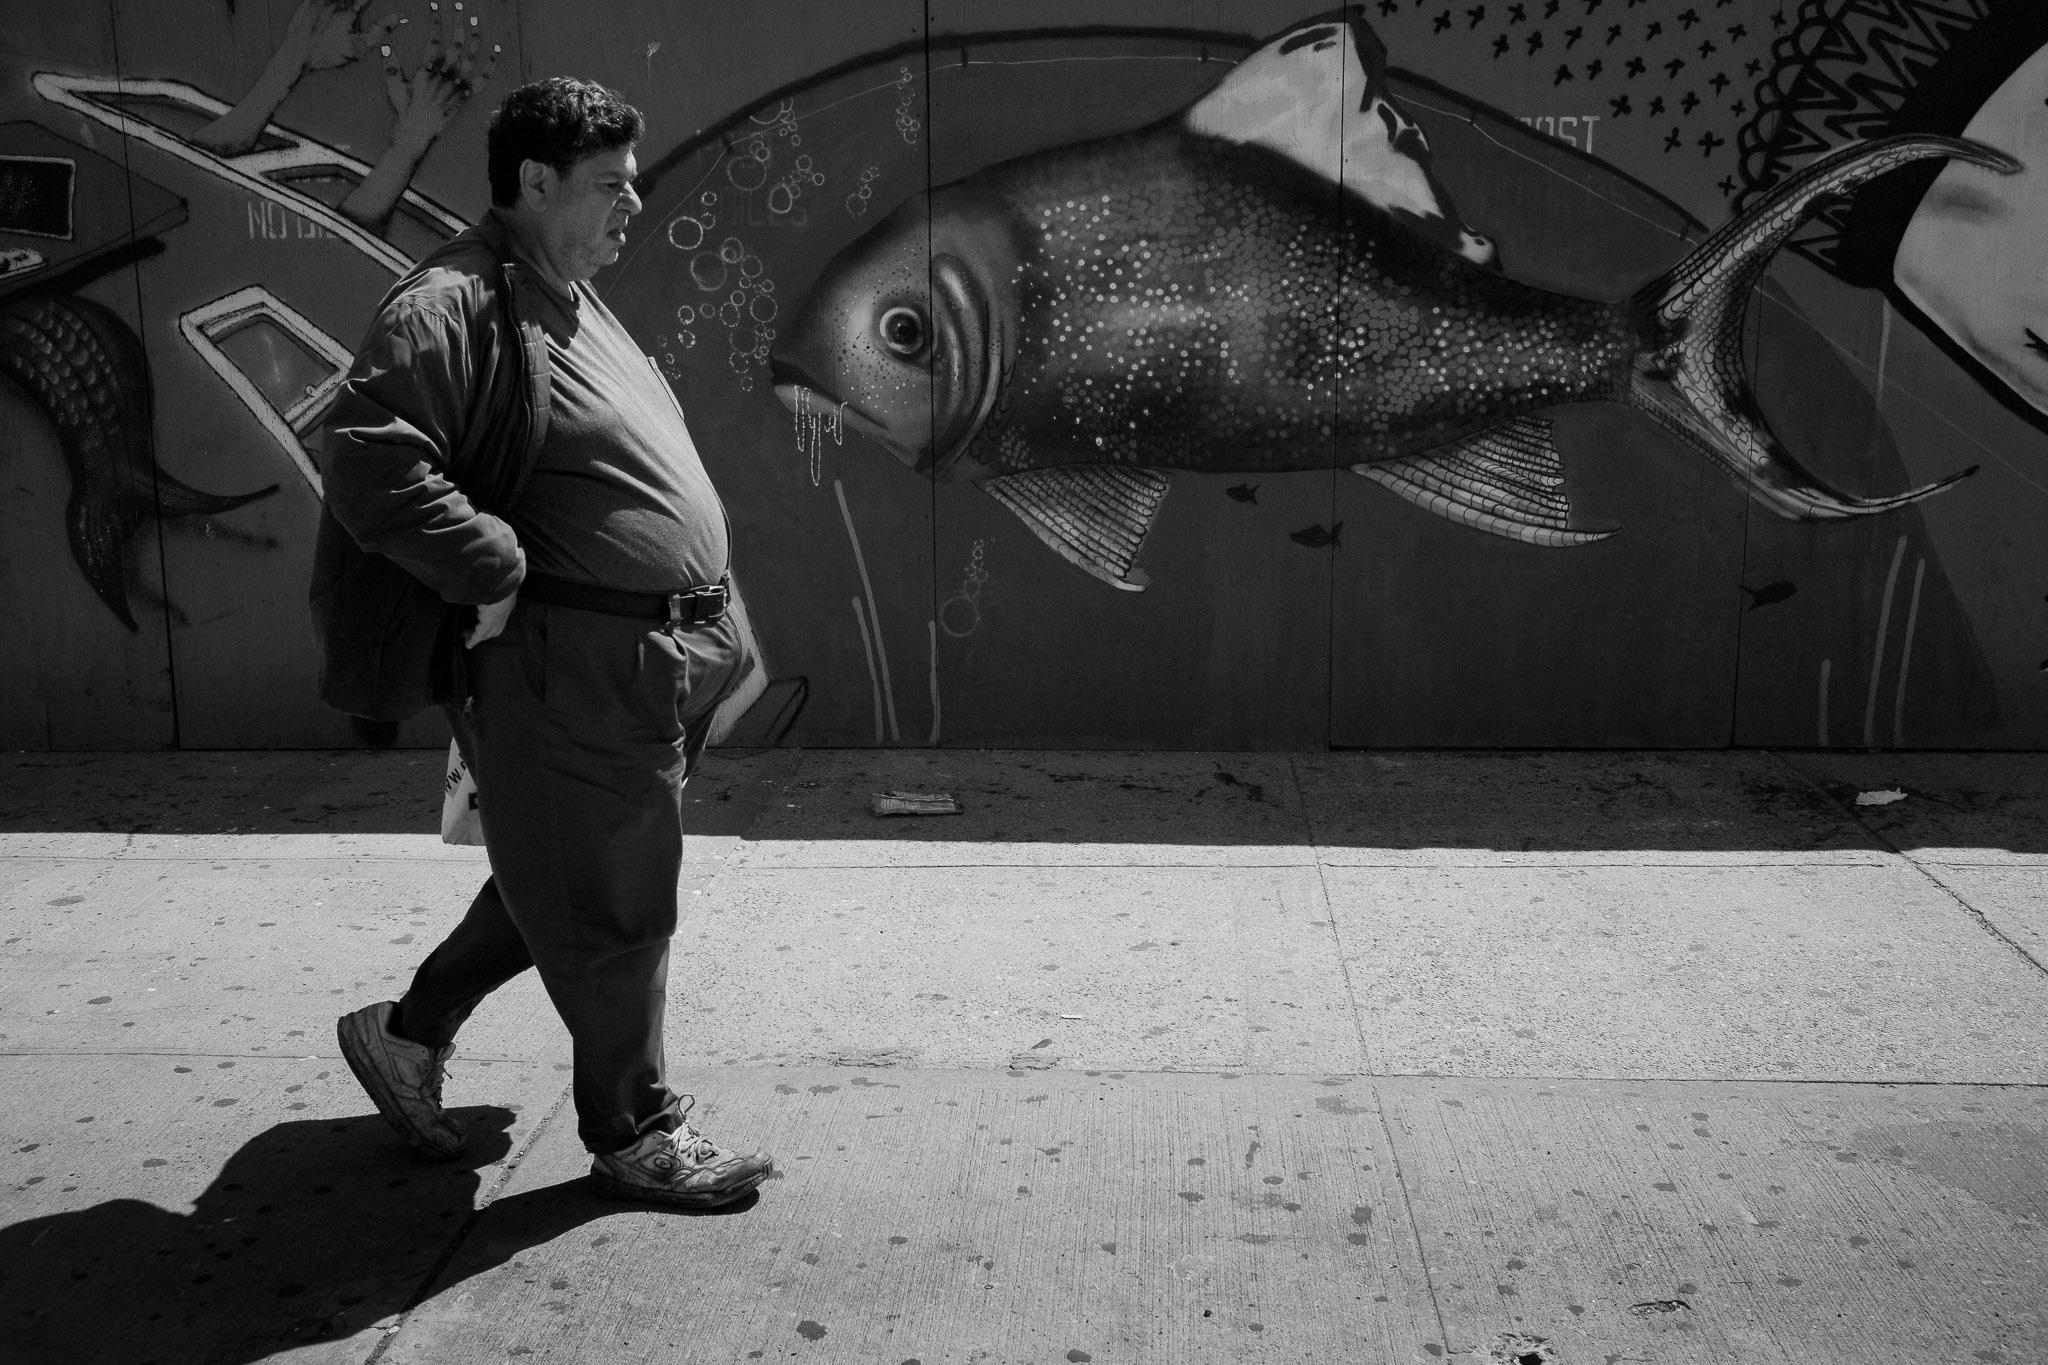 man vs. fish